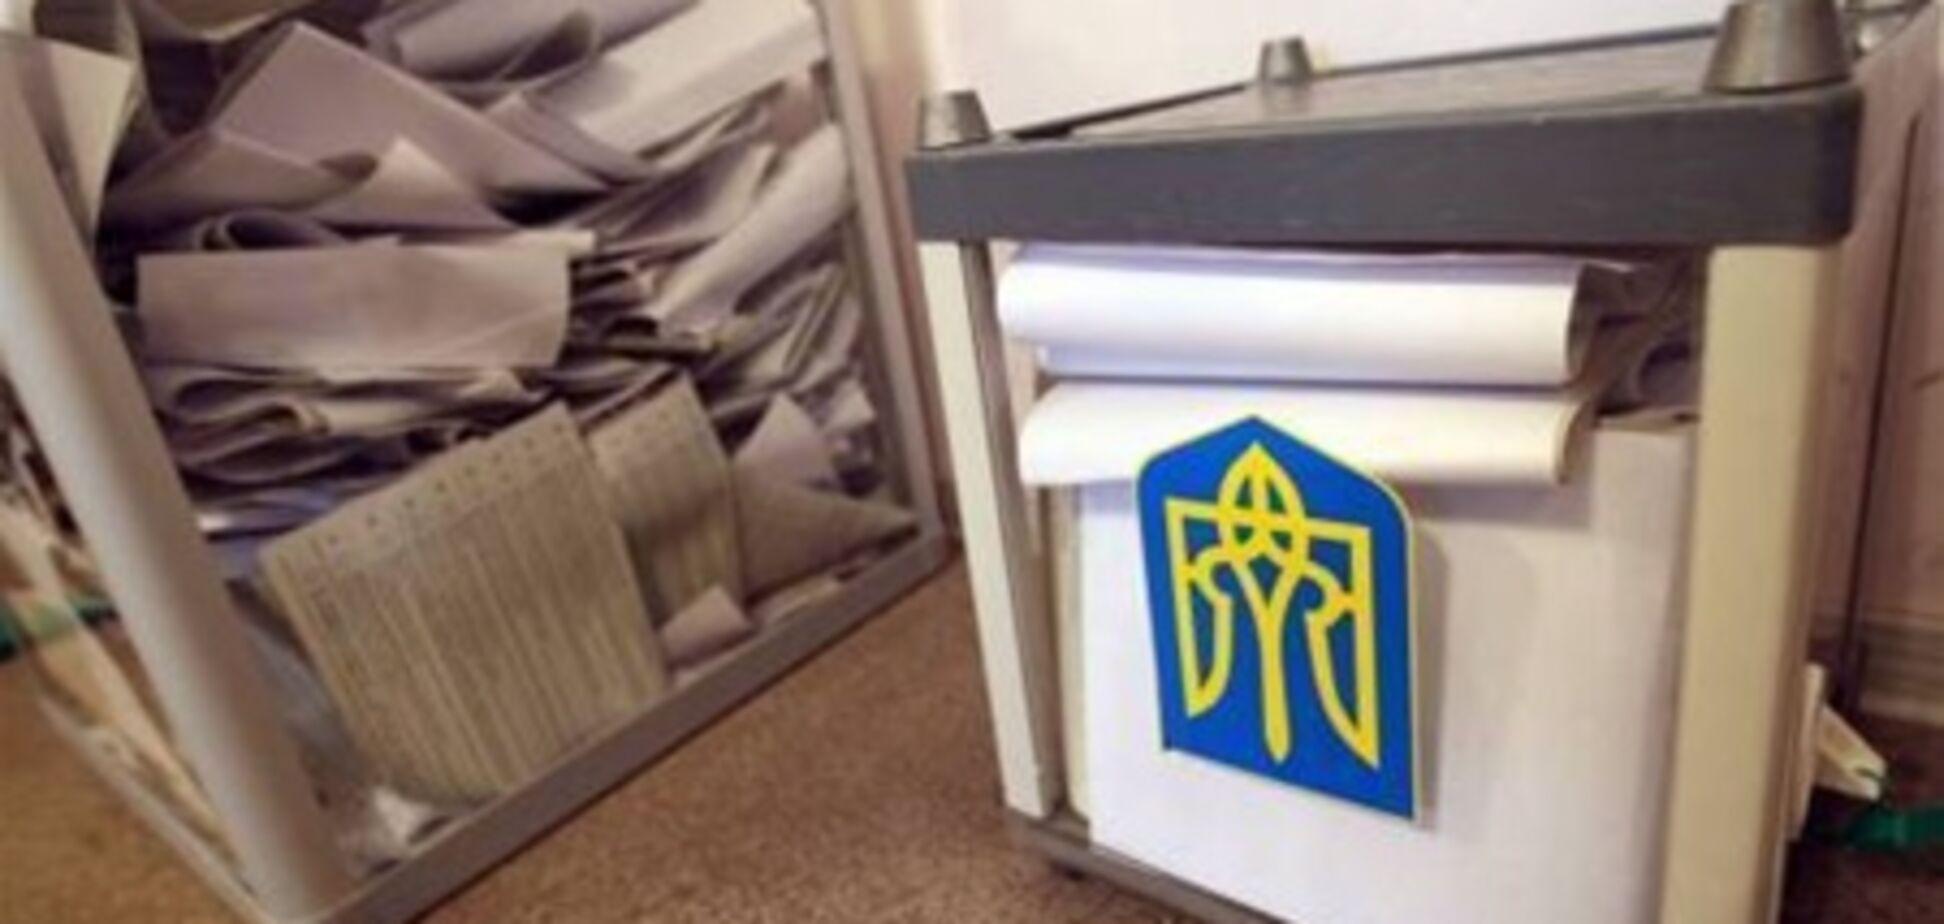 Вибори-2012 коштуватимуть Україні мінімум 800 млн гривень